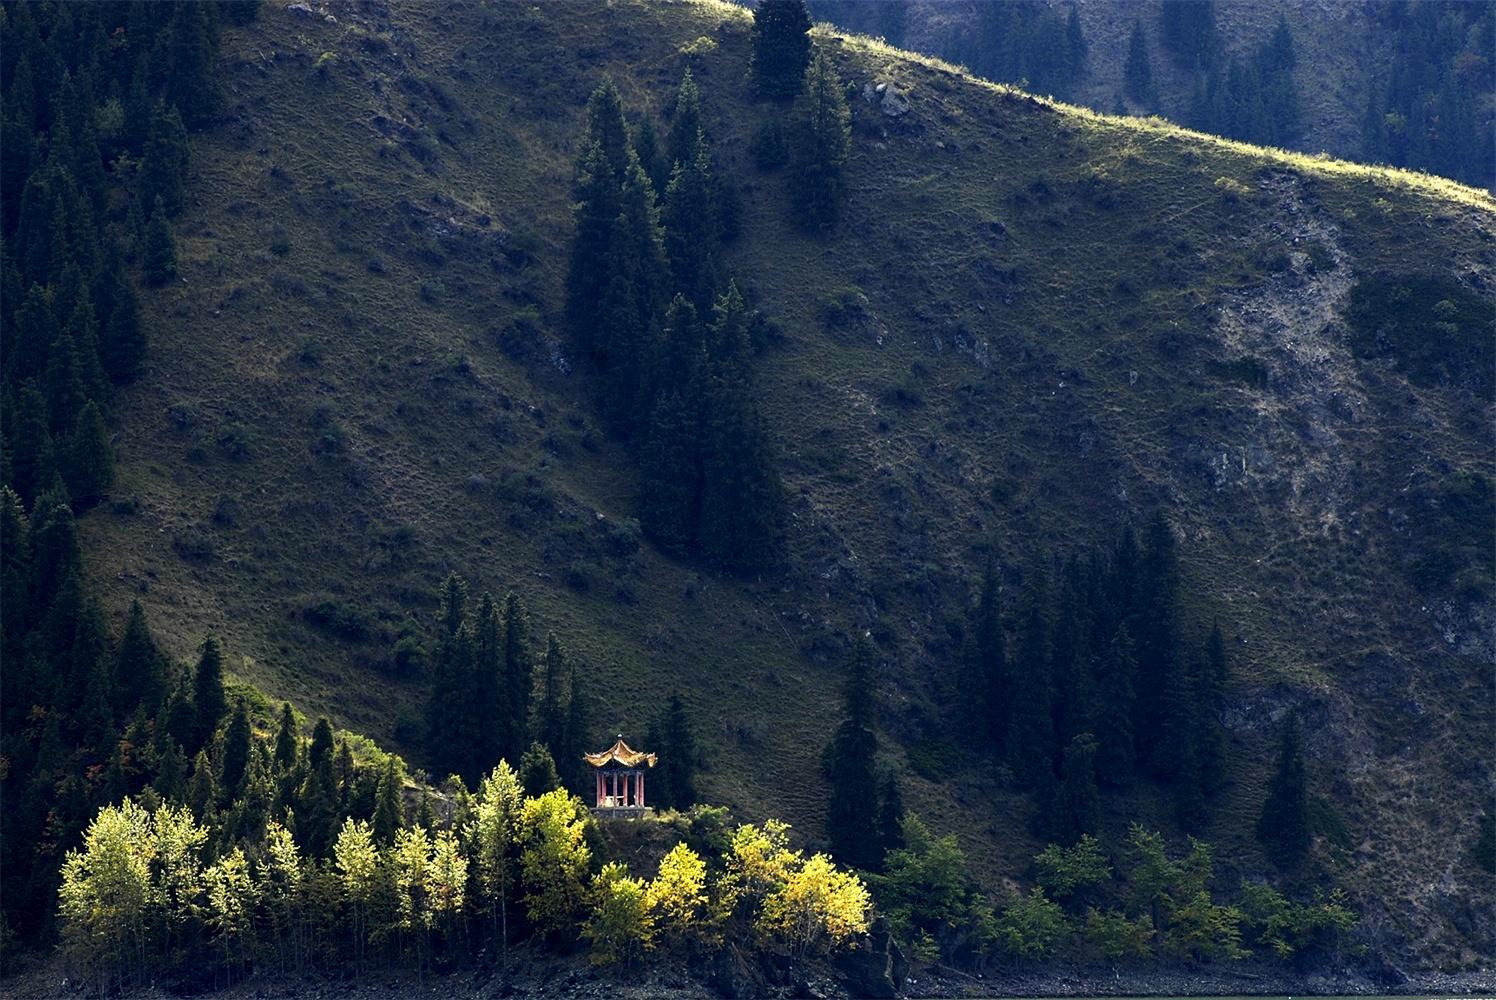 【新疆南北疆长线】喀纳斯湖+禾木+伊宁那拉提+巴音布鲁克深度双飞9日游